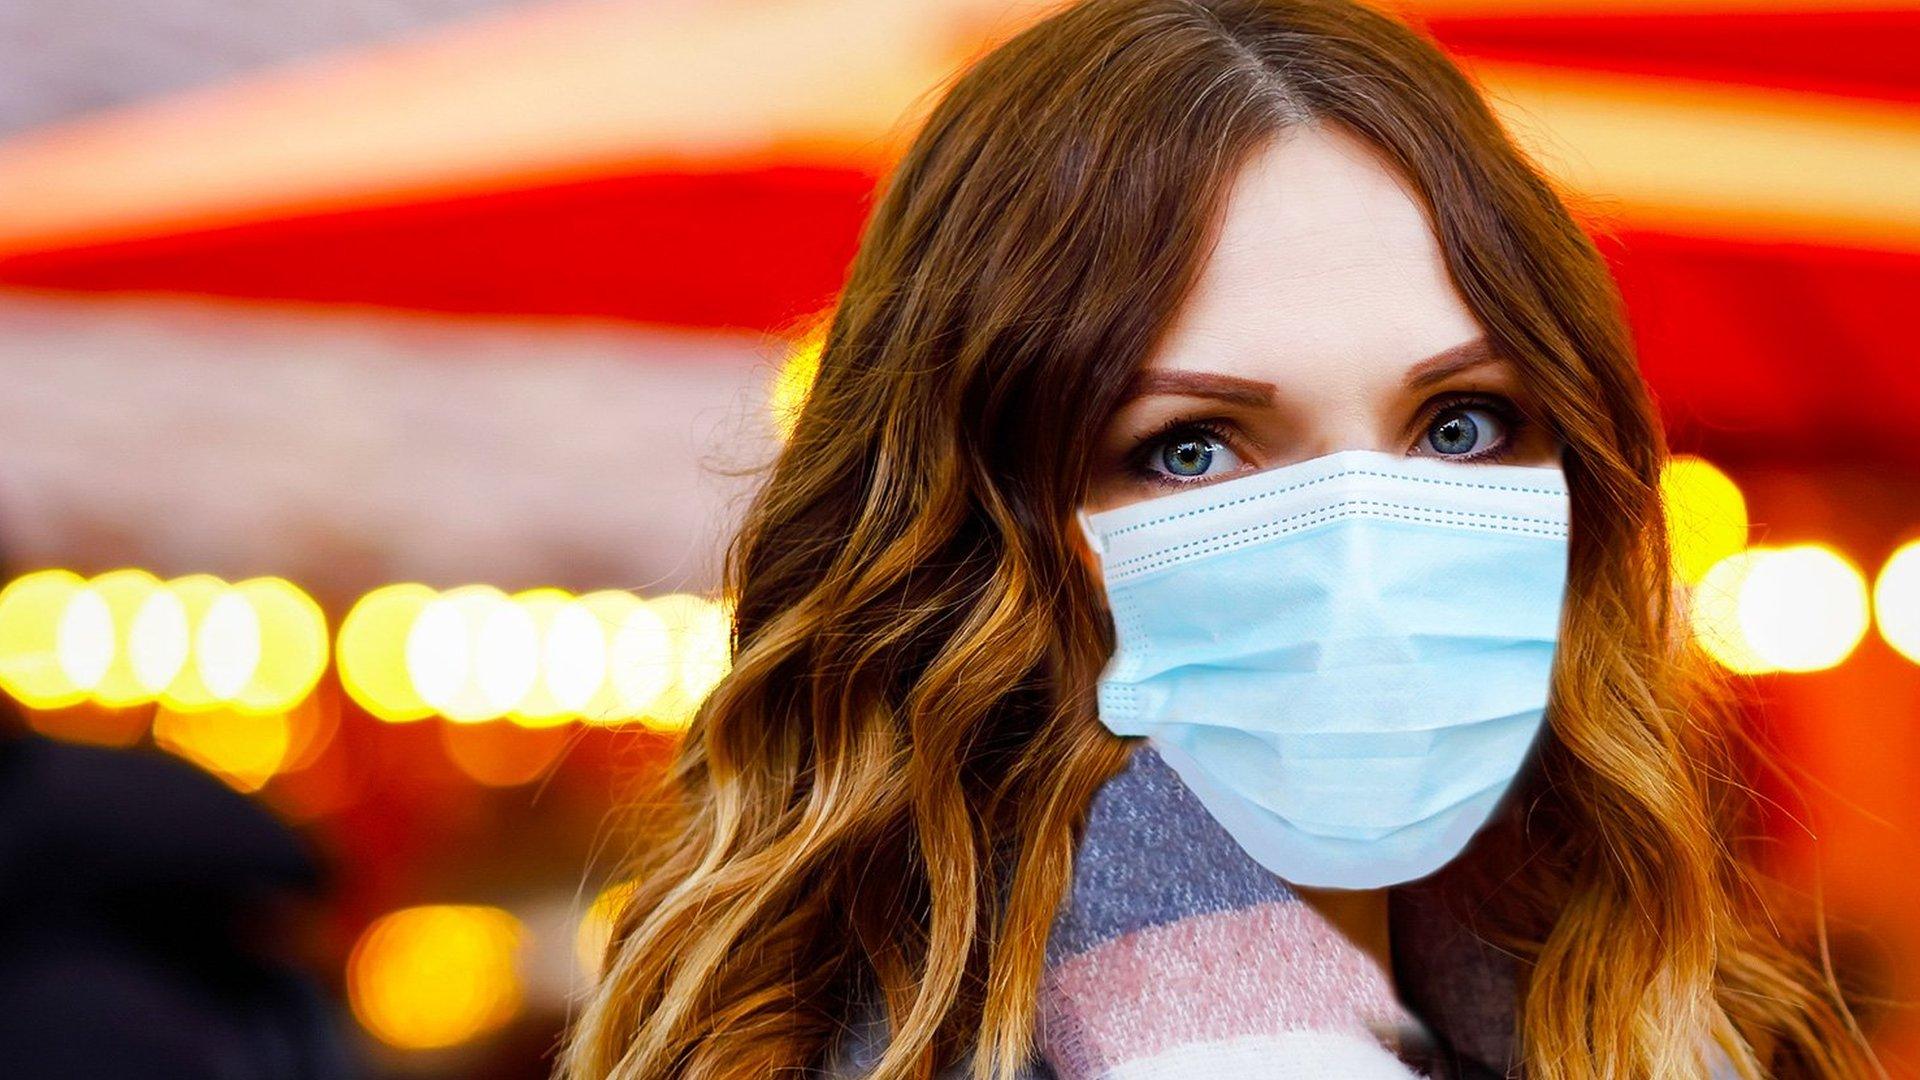 Коронавирус в мире: 40 млн зараженных, Италия вводит ограничения, Австралия ослабляет локдаун, в Китае рост экономики